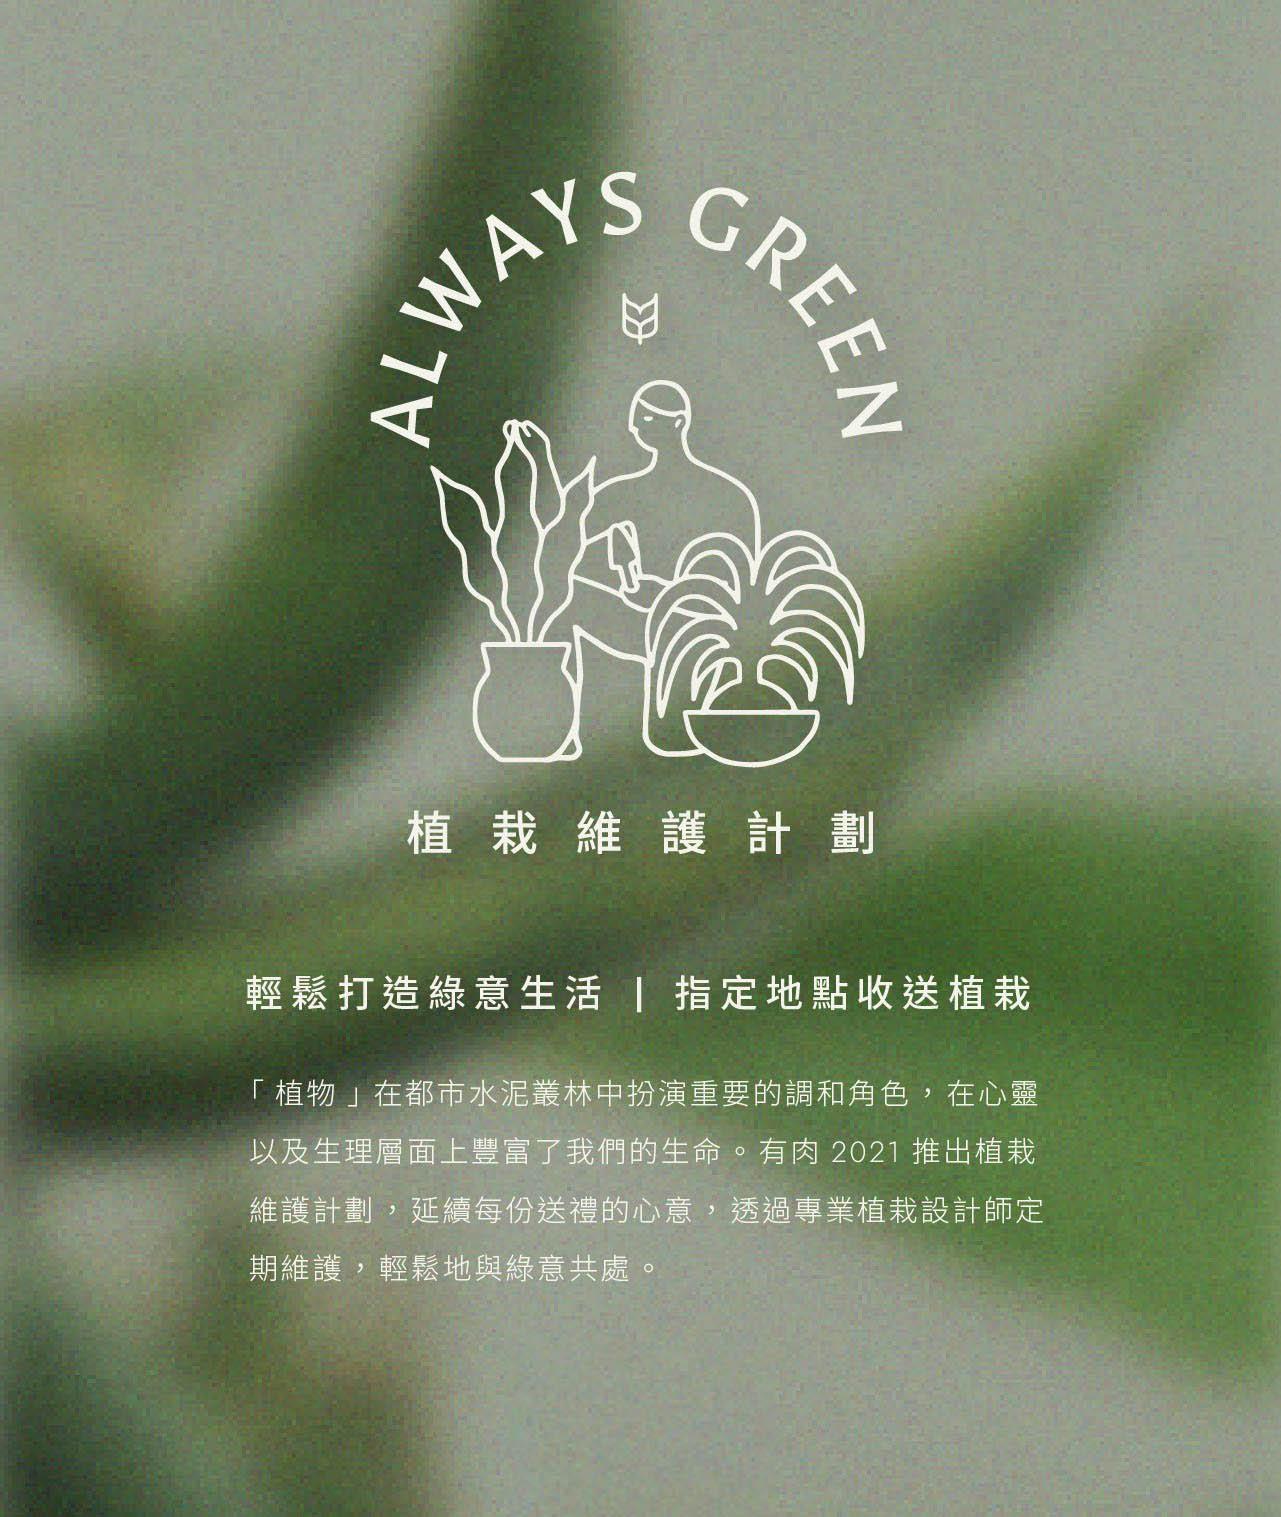 植栽維護計劃 Always Green 網頁版